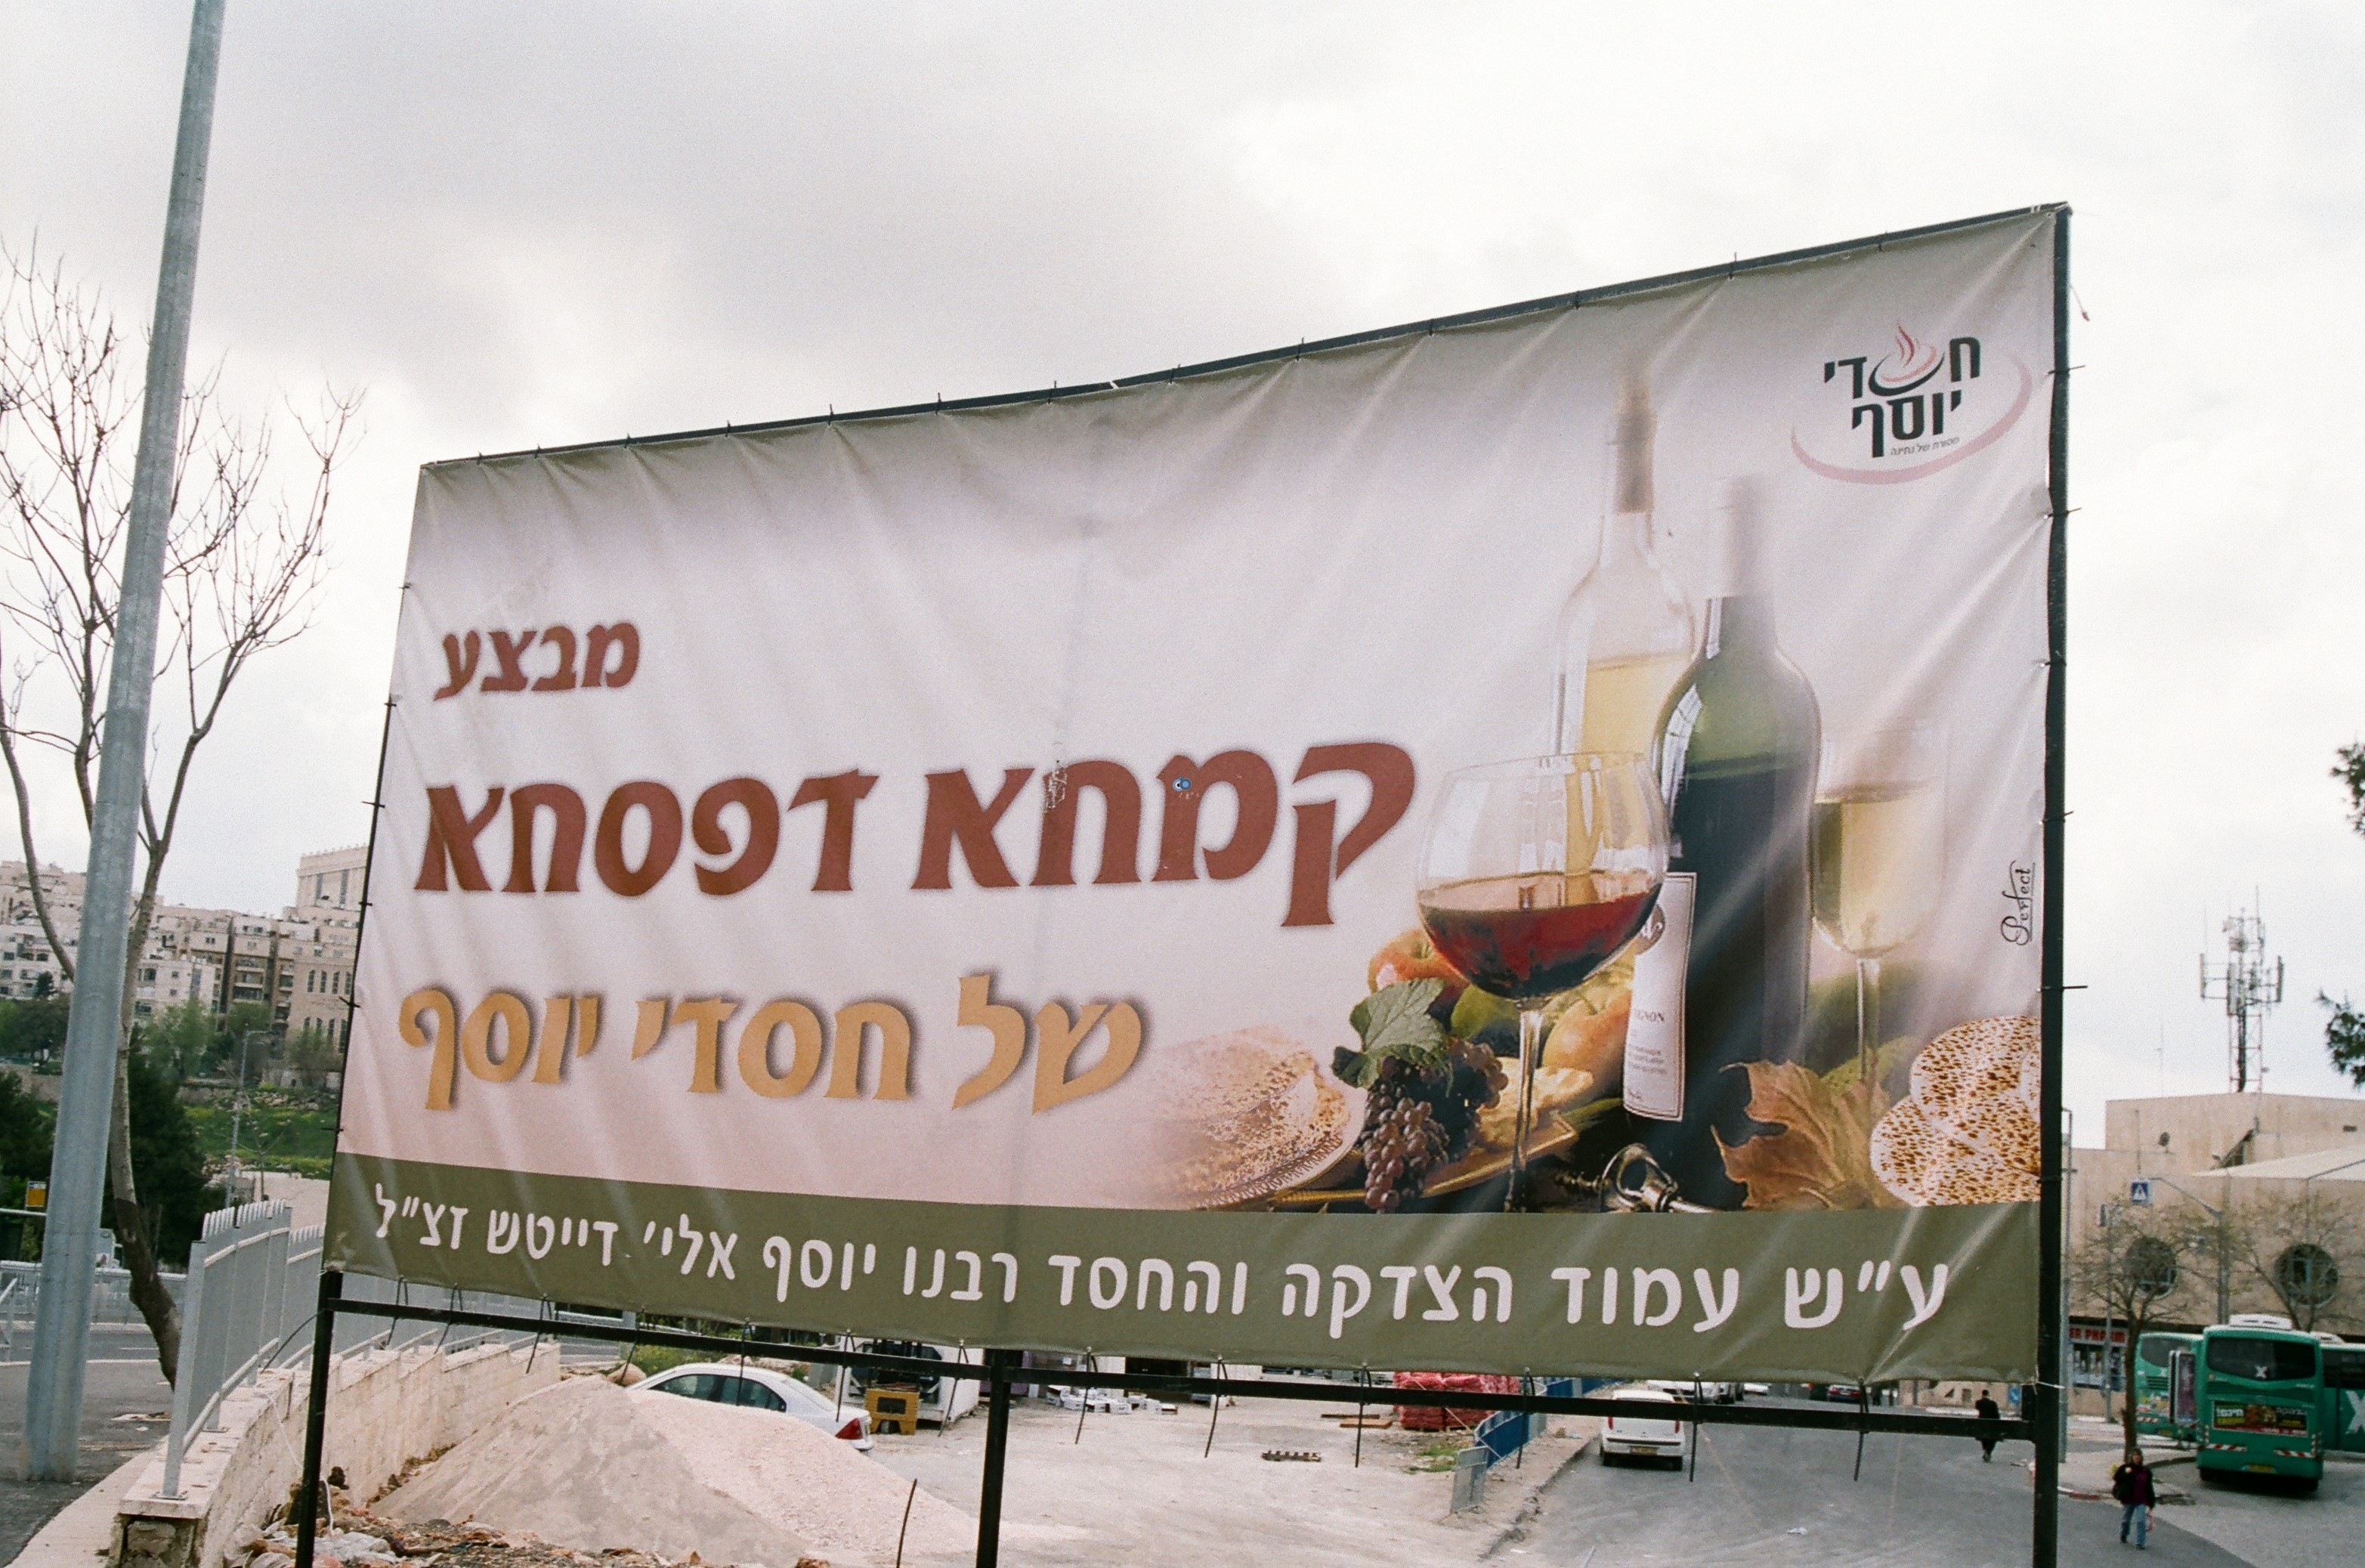 חסדי יוסף מצרכים קמחא דפסחא פסח יחצ (2)